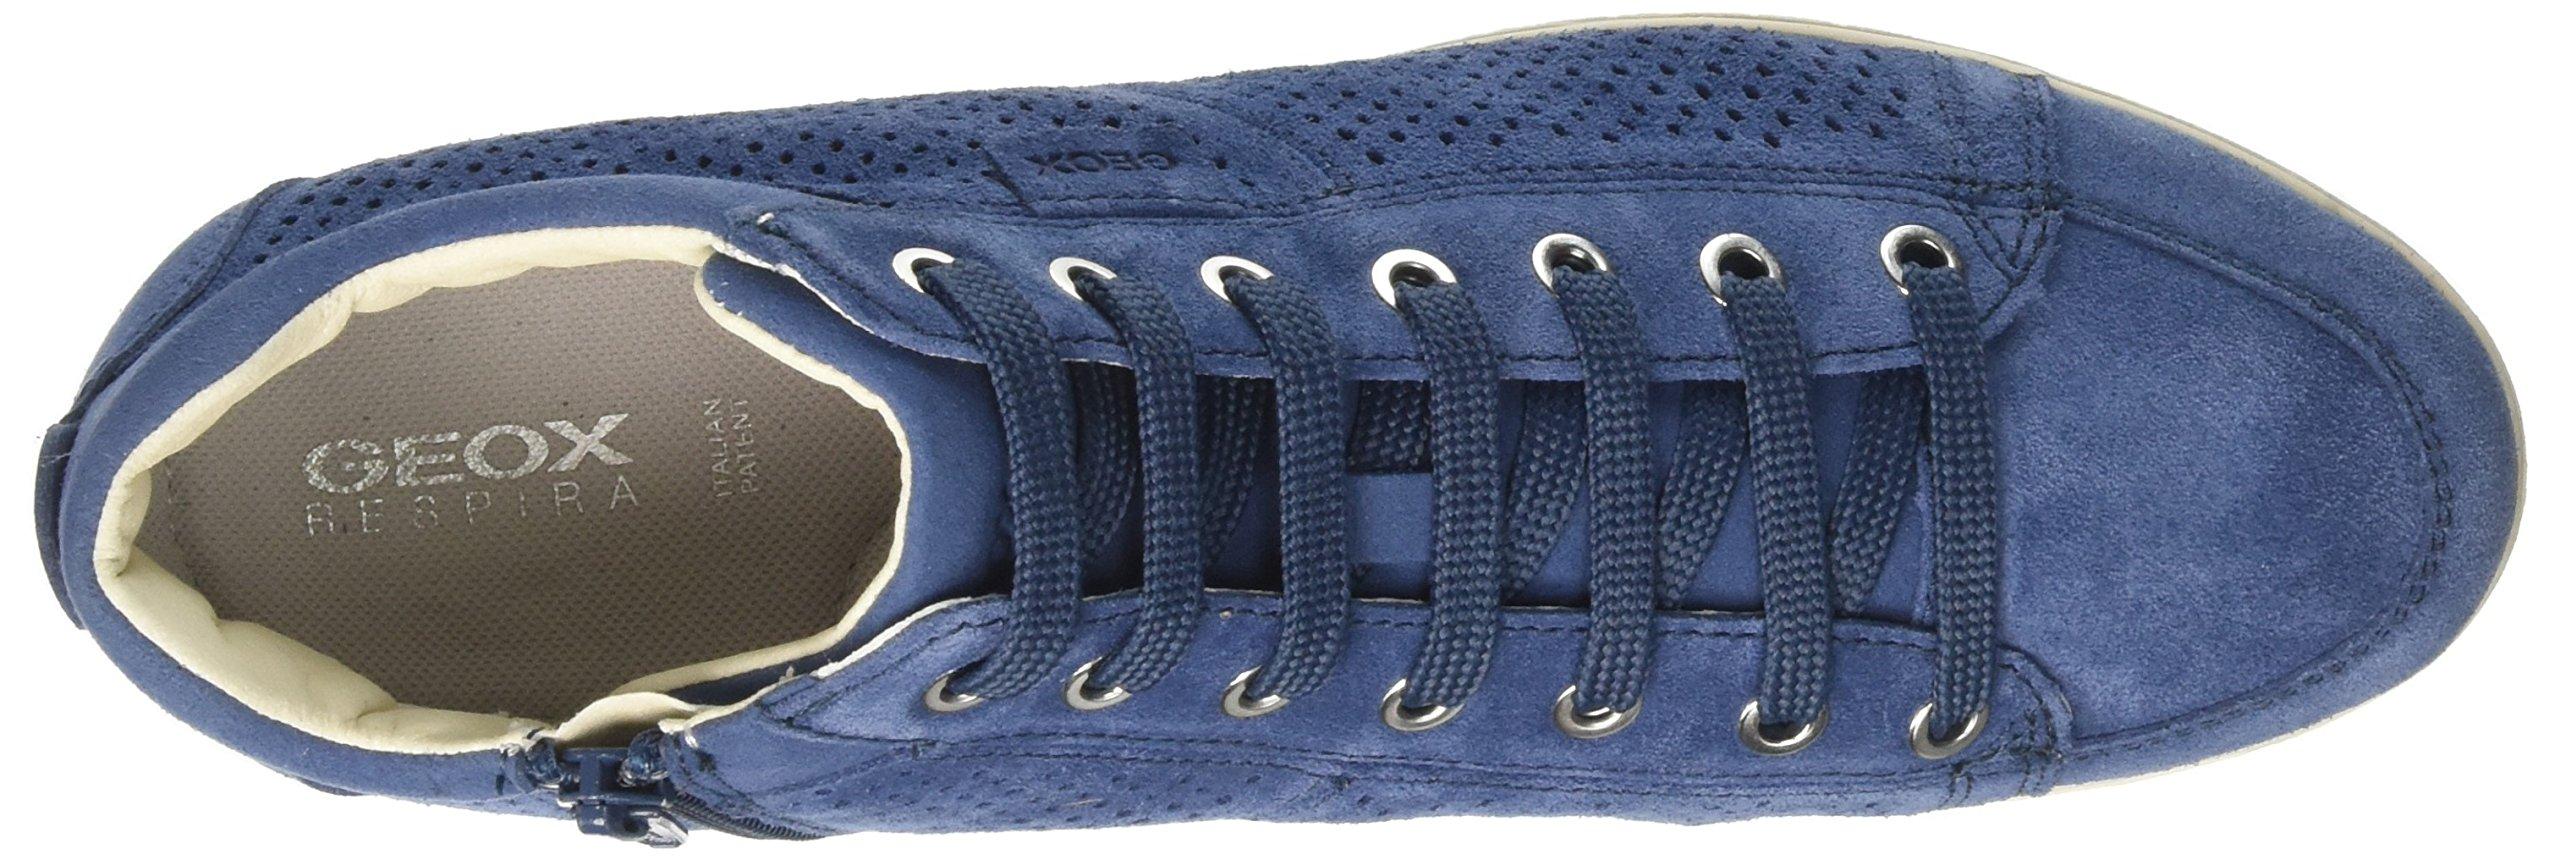 Geox Damen D Myria B Hohe Sneaker 7